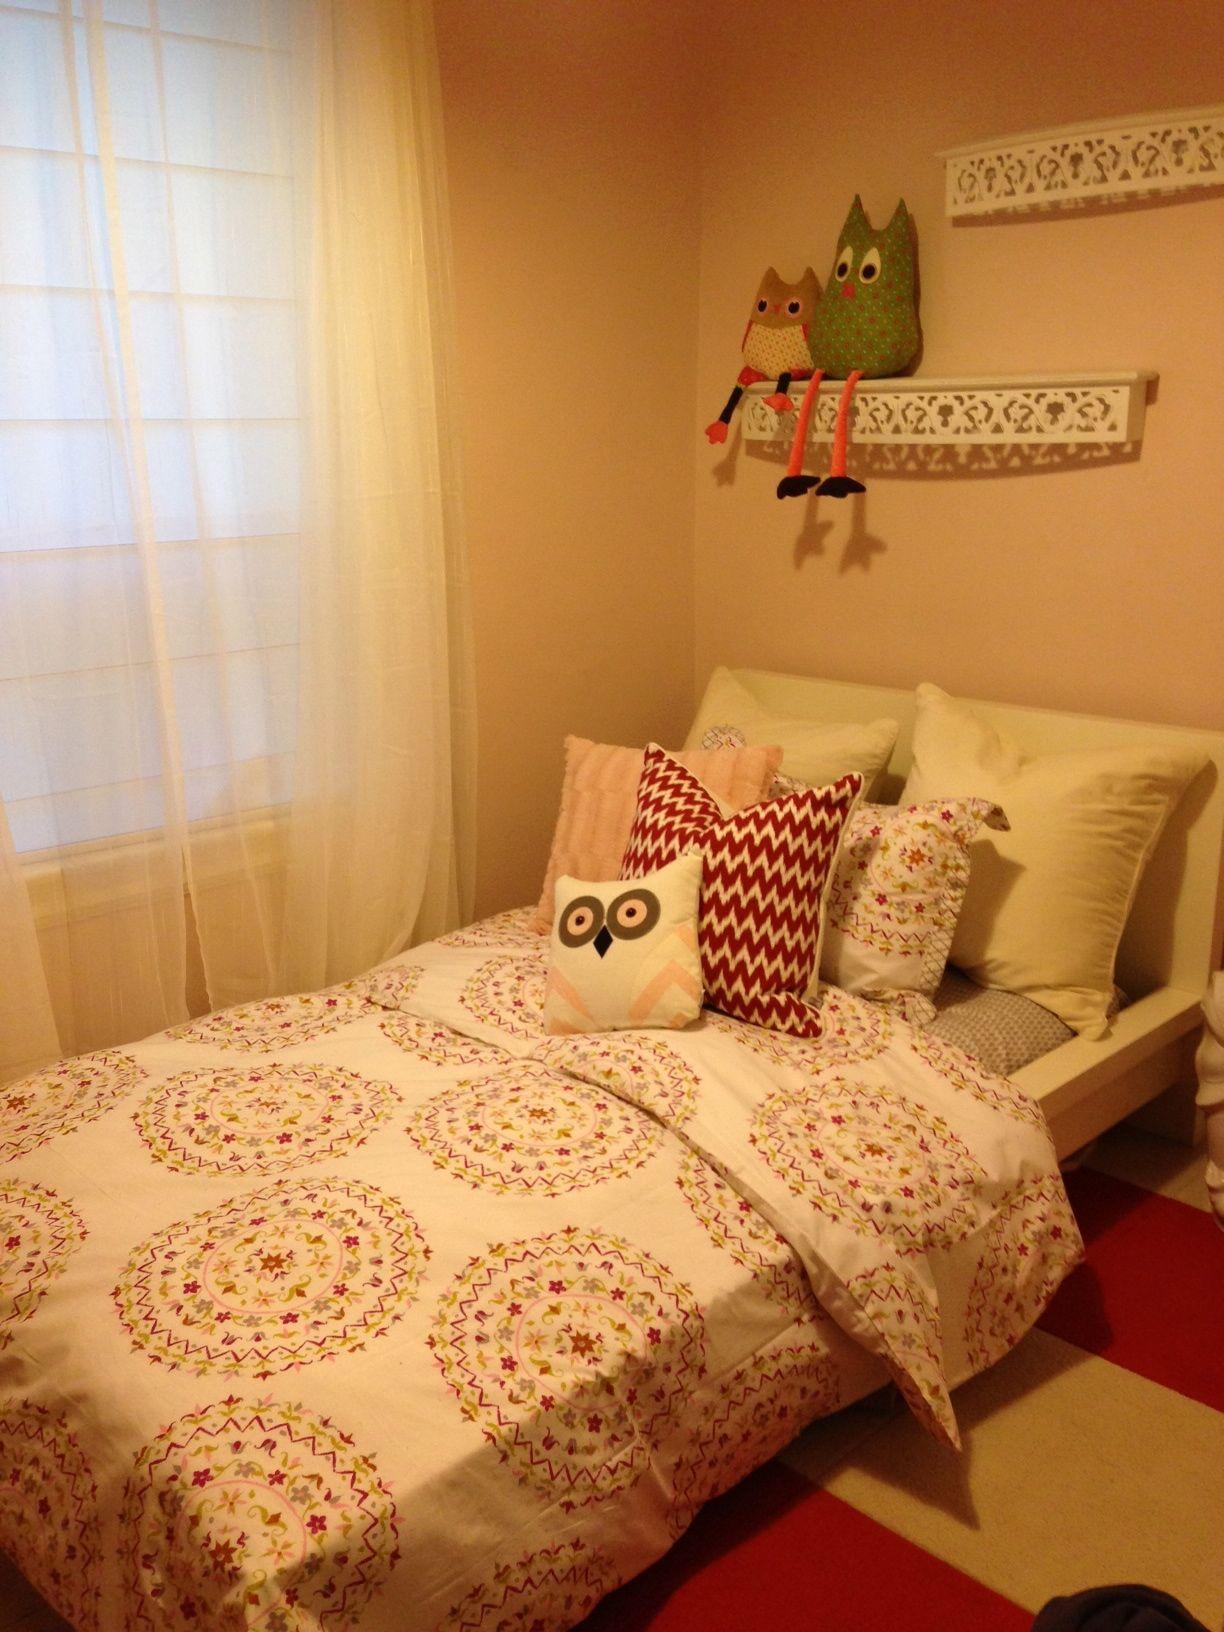 Property Home fix, Room, Home decor